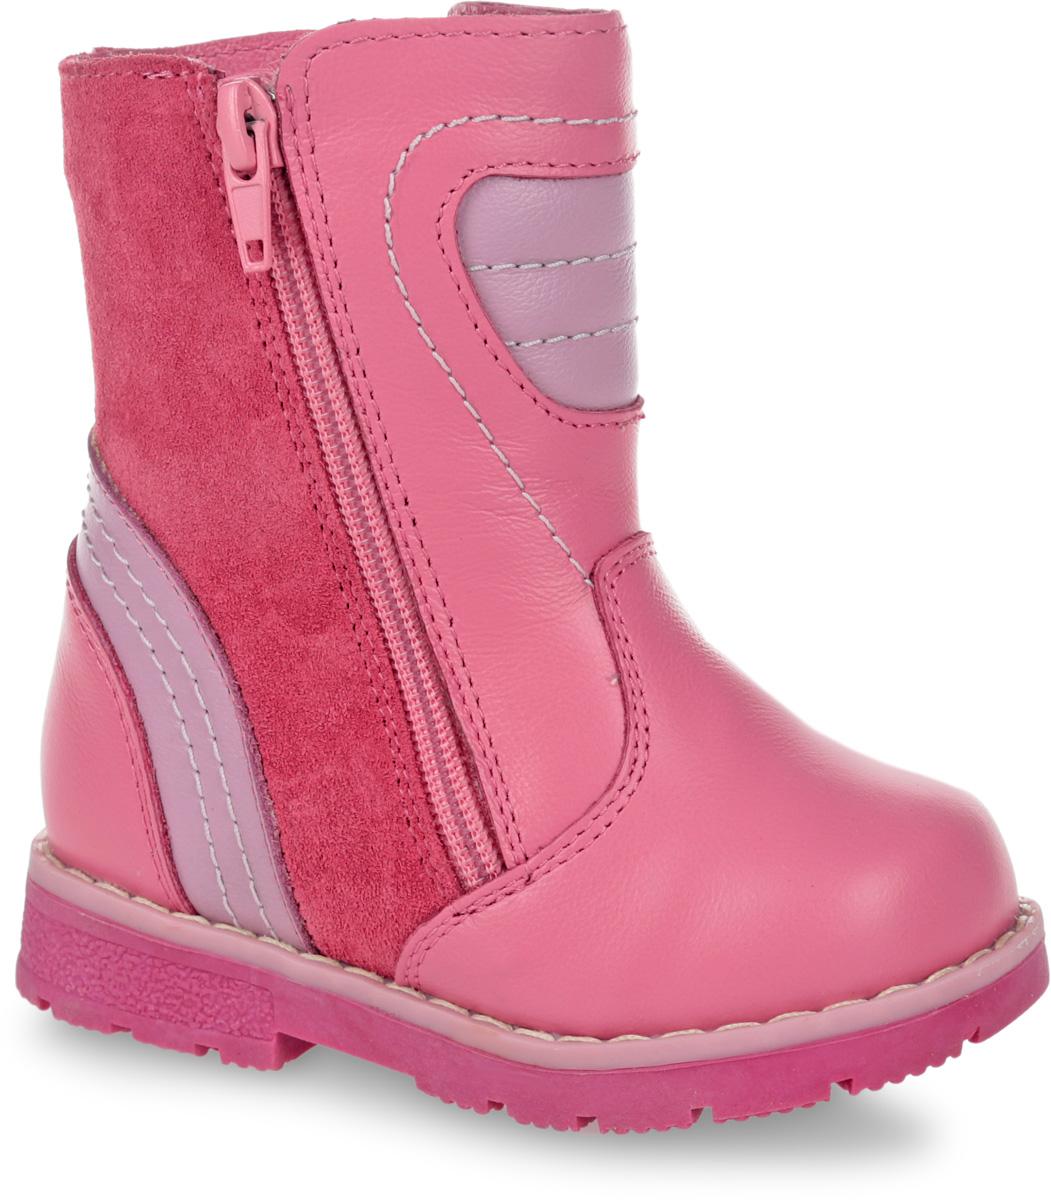 11189-9Полусапоги от Зебра выполнены из натуральной кожи. Застежка-молния надежно фиксирует изделие на ноге. Мягкая подкладка и стелька из натурального меха обеспечивают тепло, циркуляцию воздуха и сохраняют комфортный микроклимат в обуви. Подошва с рифлением гарантирует идеальное сцепление с любыми поверхностями. Сбоку модель оформлена декоративной молнией.